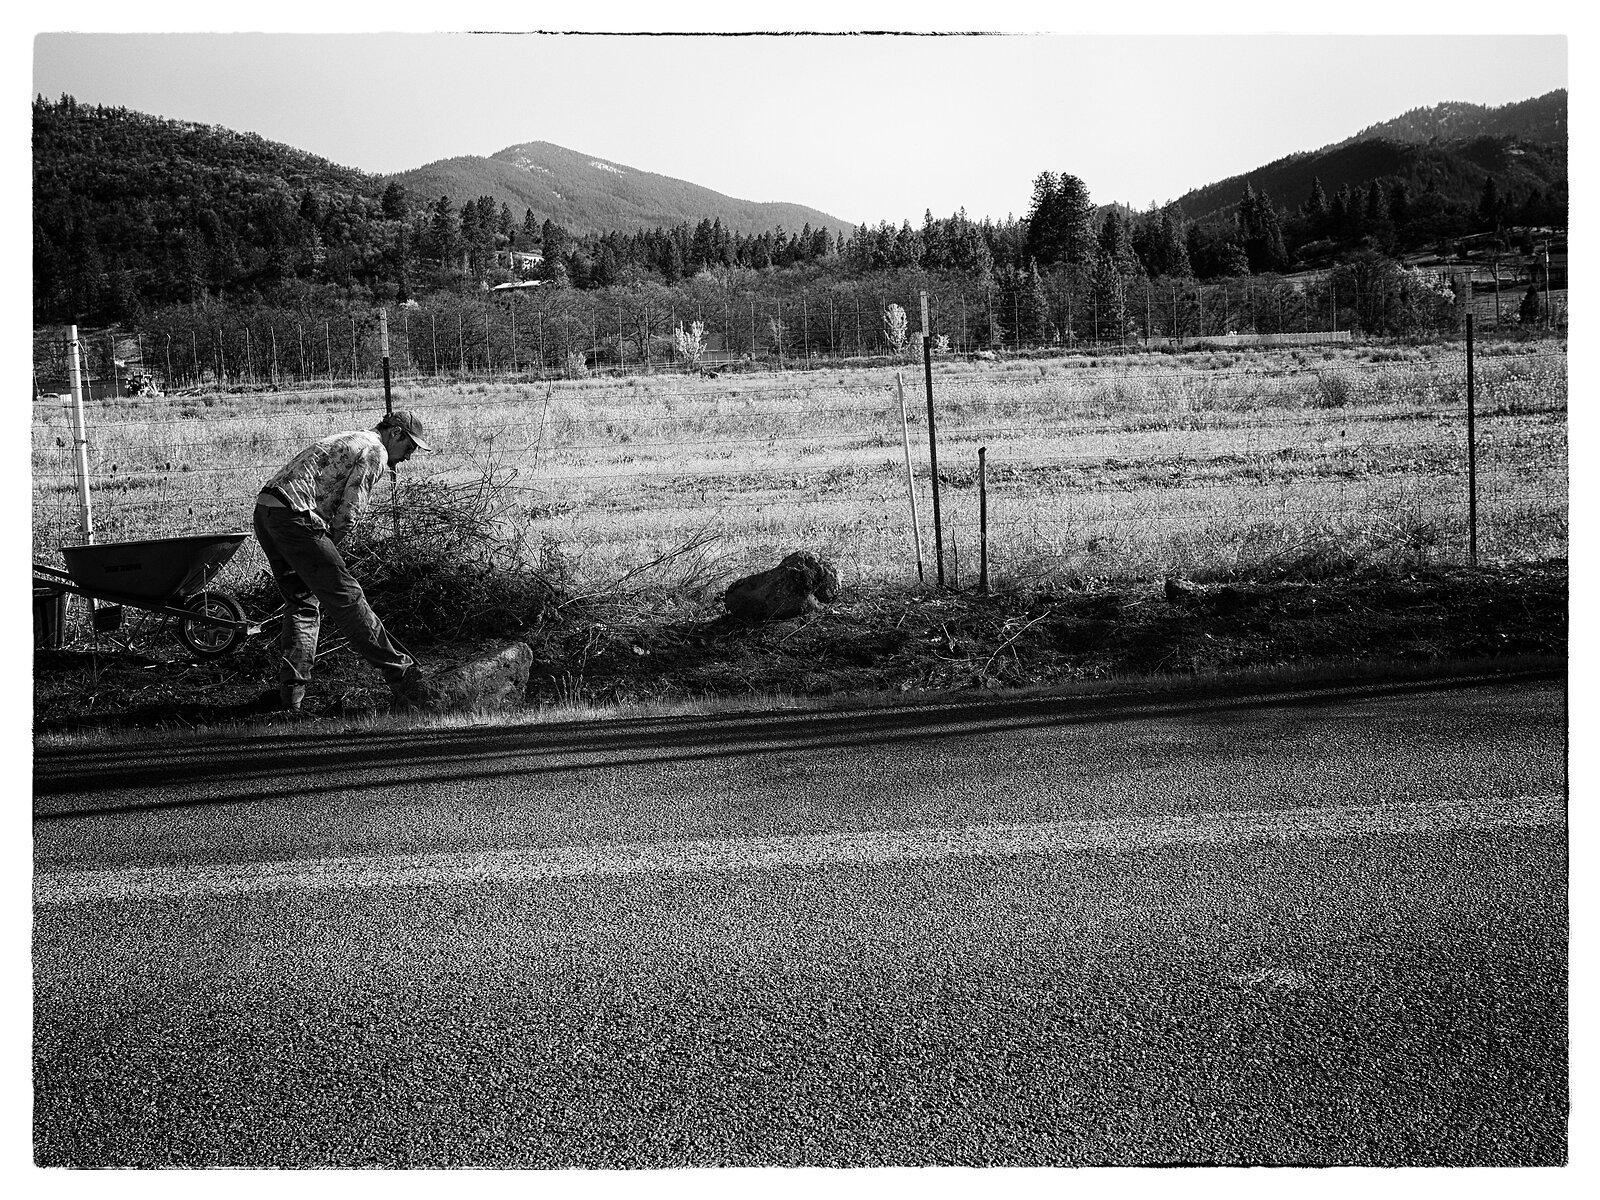 GX9_Apr8_21_road_work.jpg